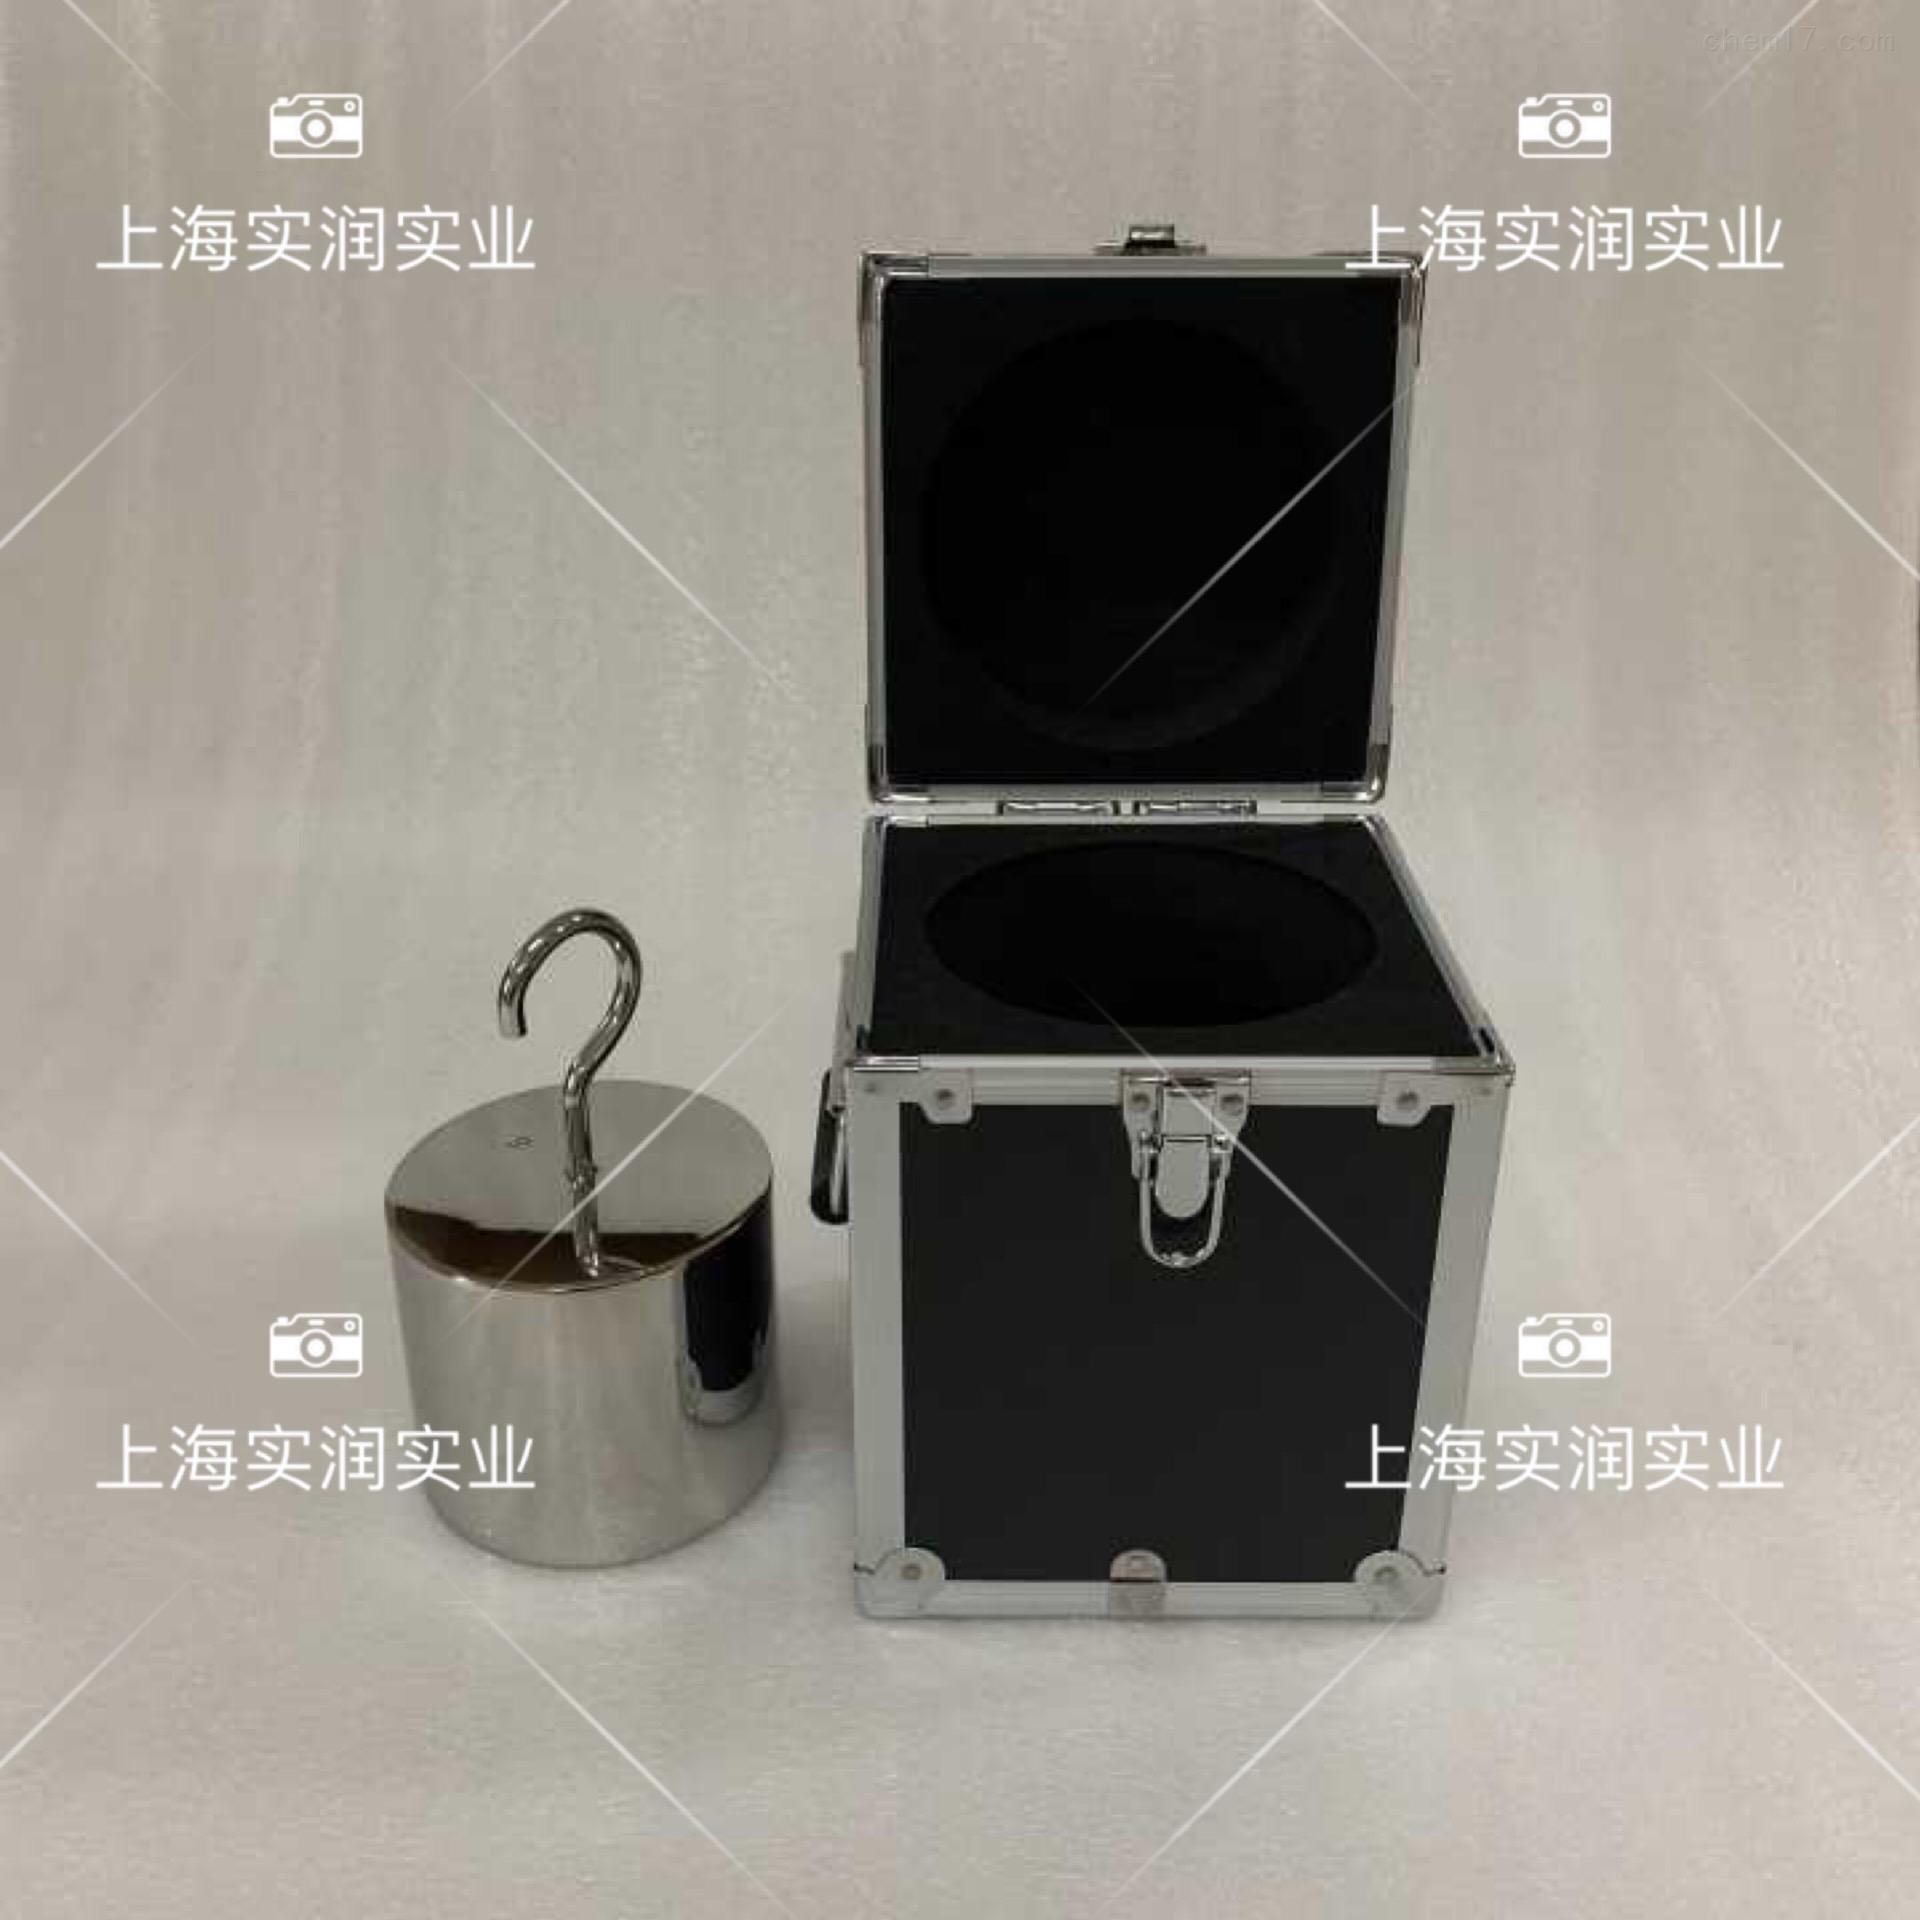 带钩子10kg不锈钢砝码,选配铝箱包装